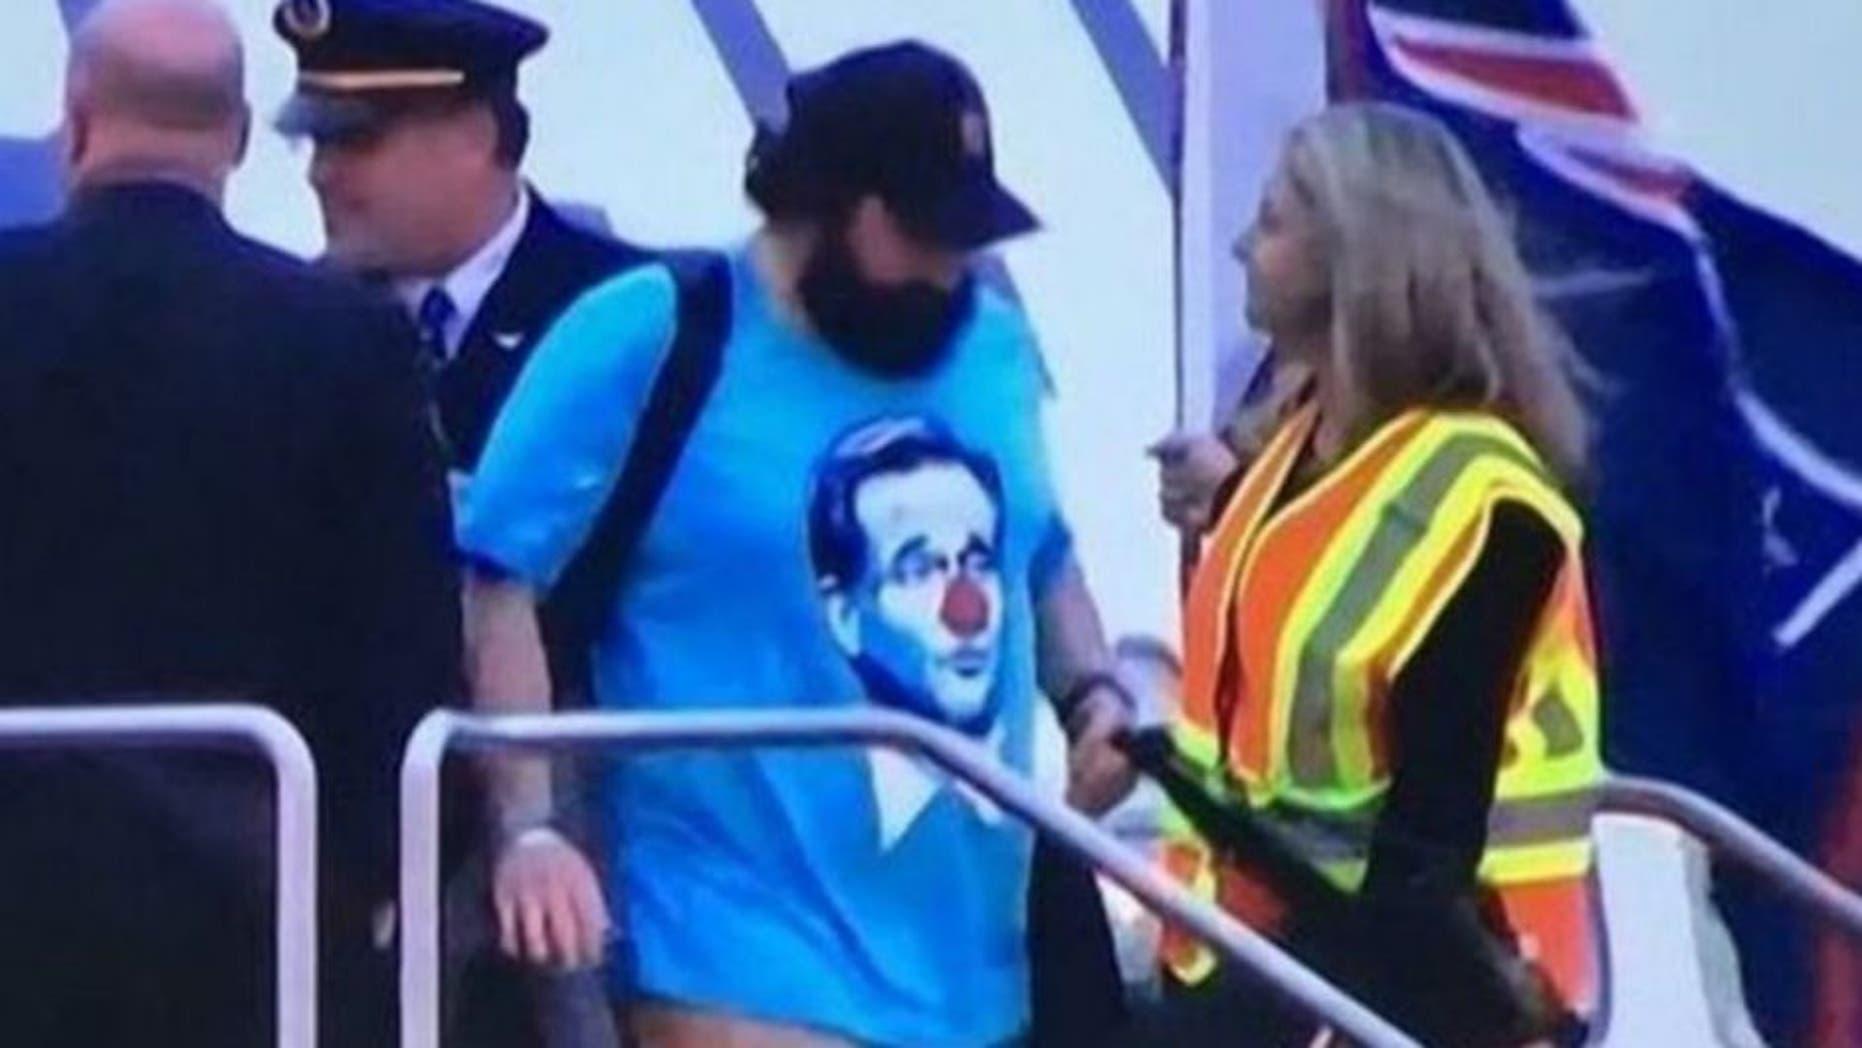 Colin Cowherd  Patriots  Matt Patricia will regret his Roger Goodell  clown   shirt c9de645ab